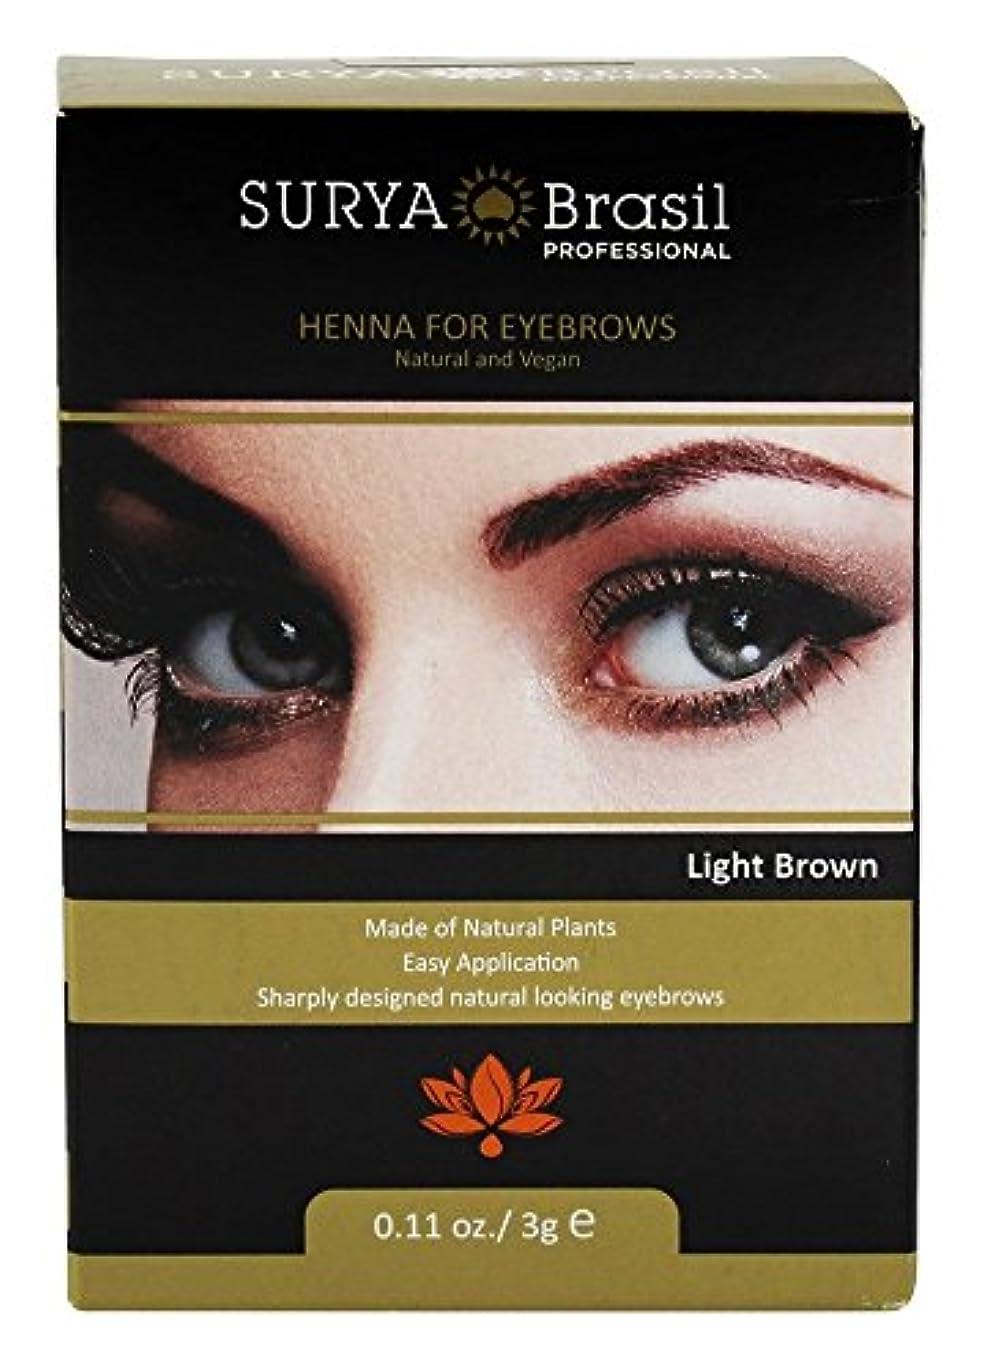 研磨剤明快実行するSurya Brasil Products 眉毛のためのヘナ、 0.11液量オンス 淡い茶色